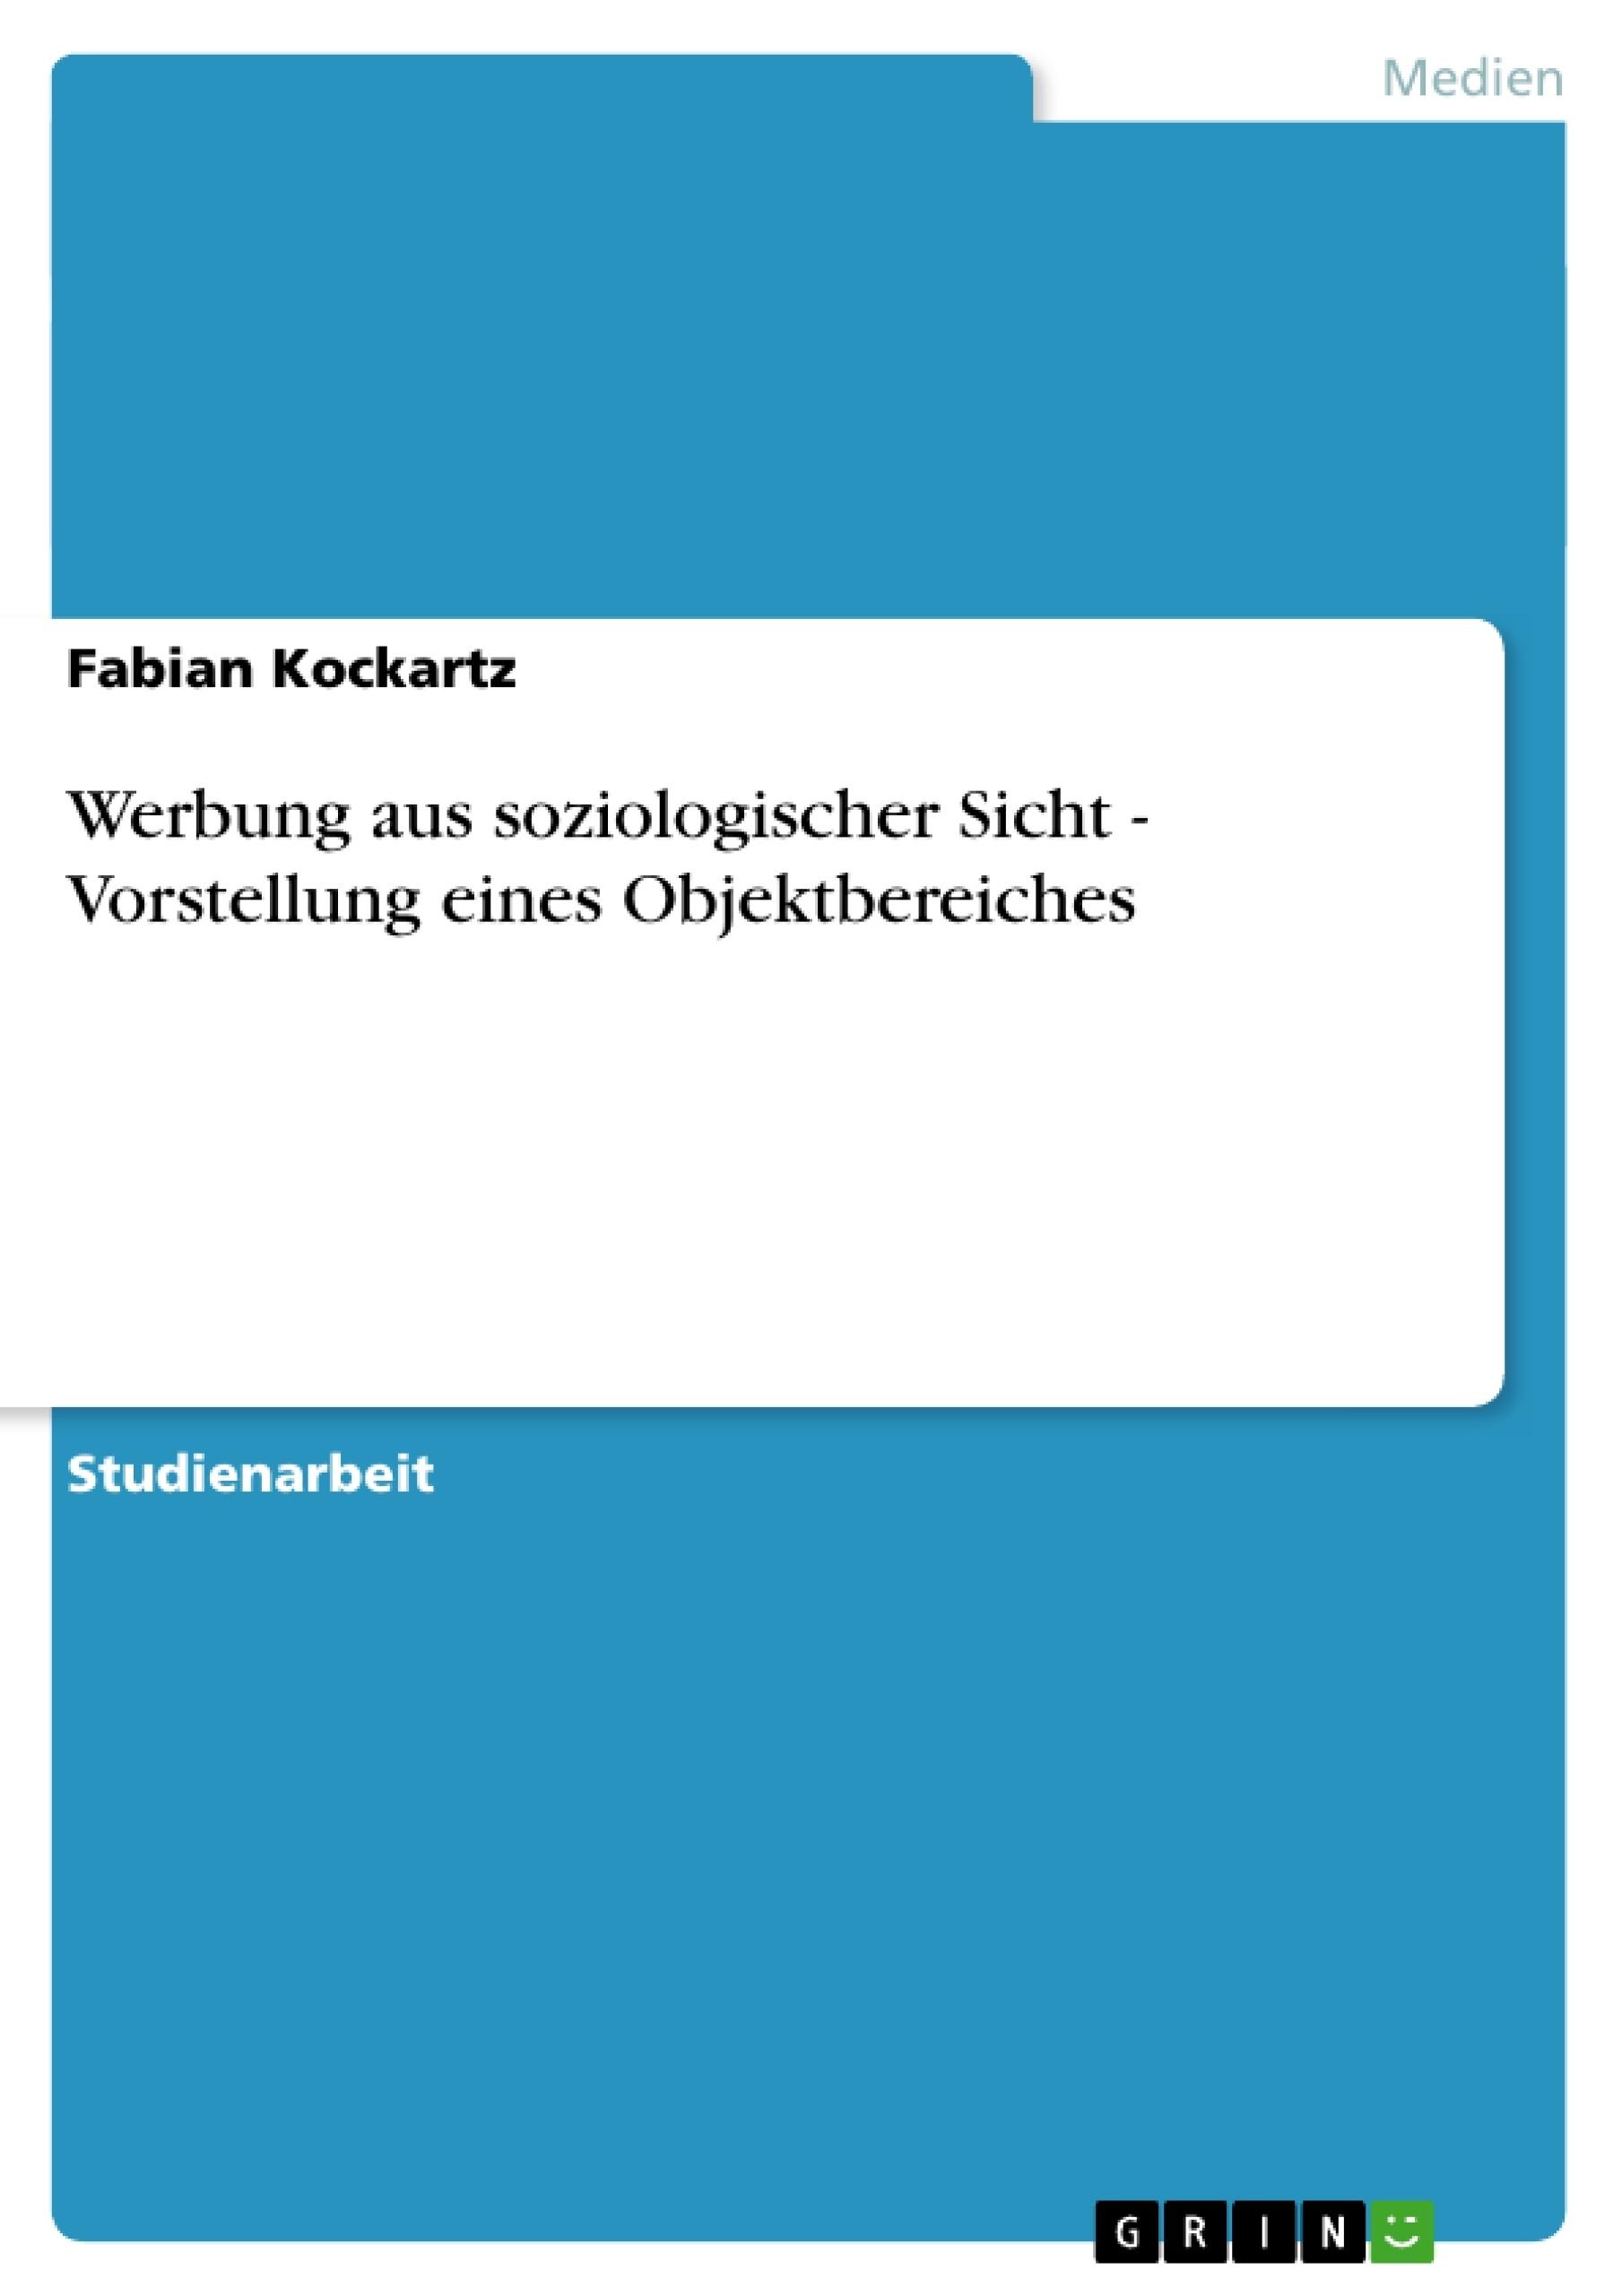 Titel: Werbung aus soziologischer Sicht - Vorstellung eines Objektbereiches